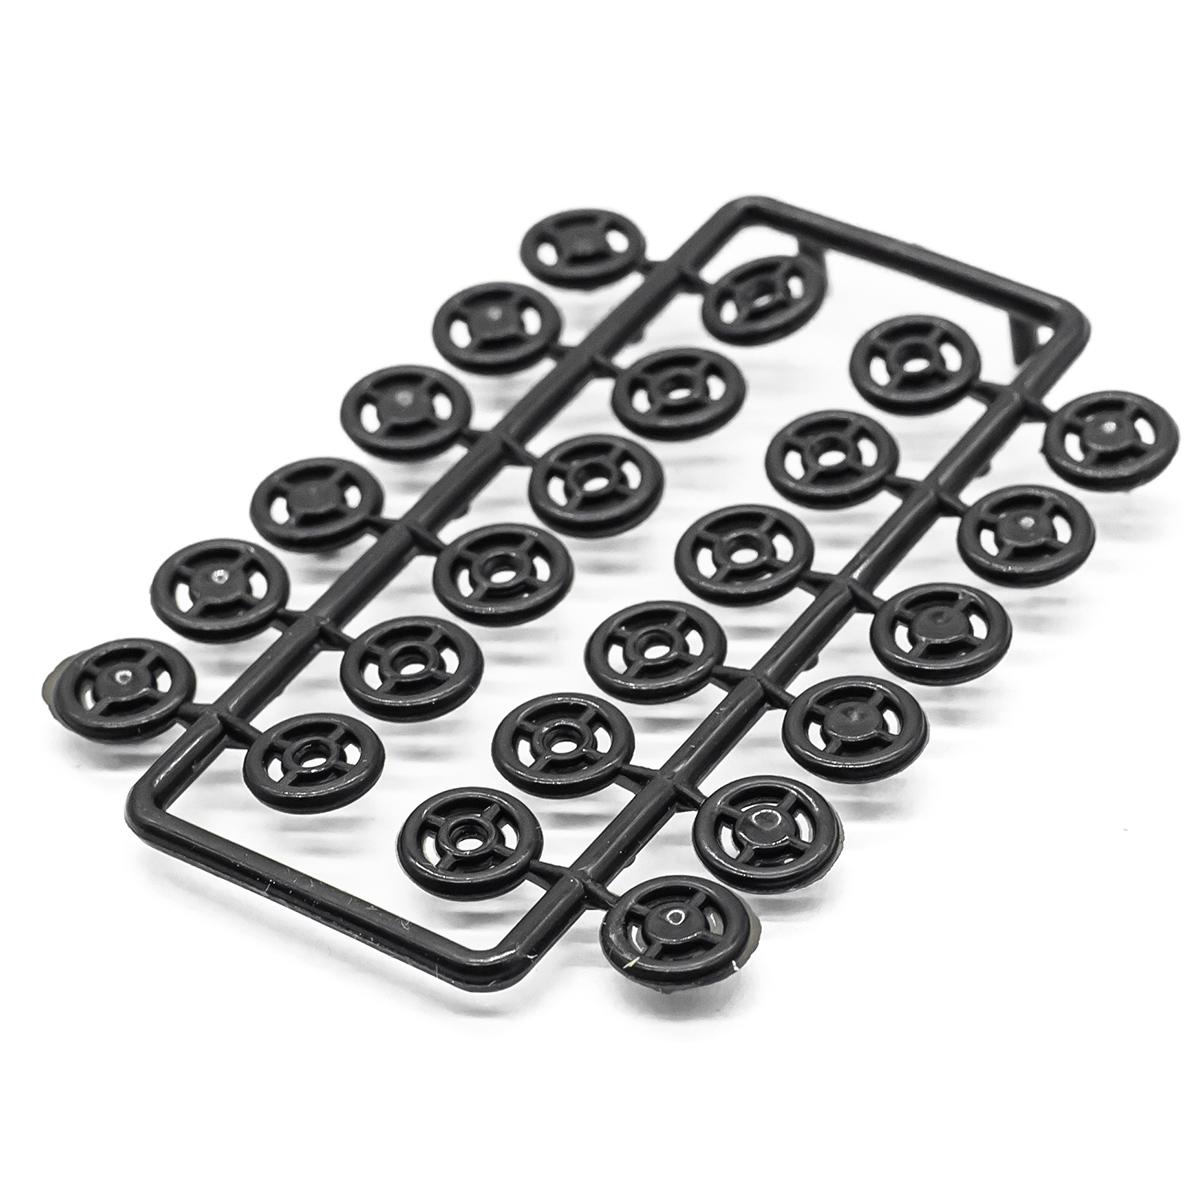 Кнопки для легких тканей, черные, 12 компл. 7мм  512101, Hobby&Pro